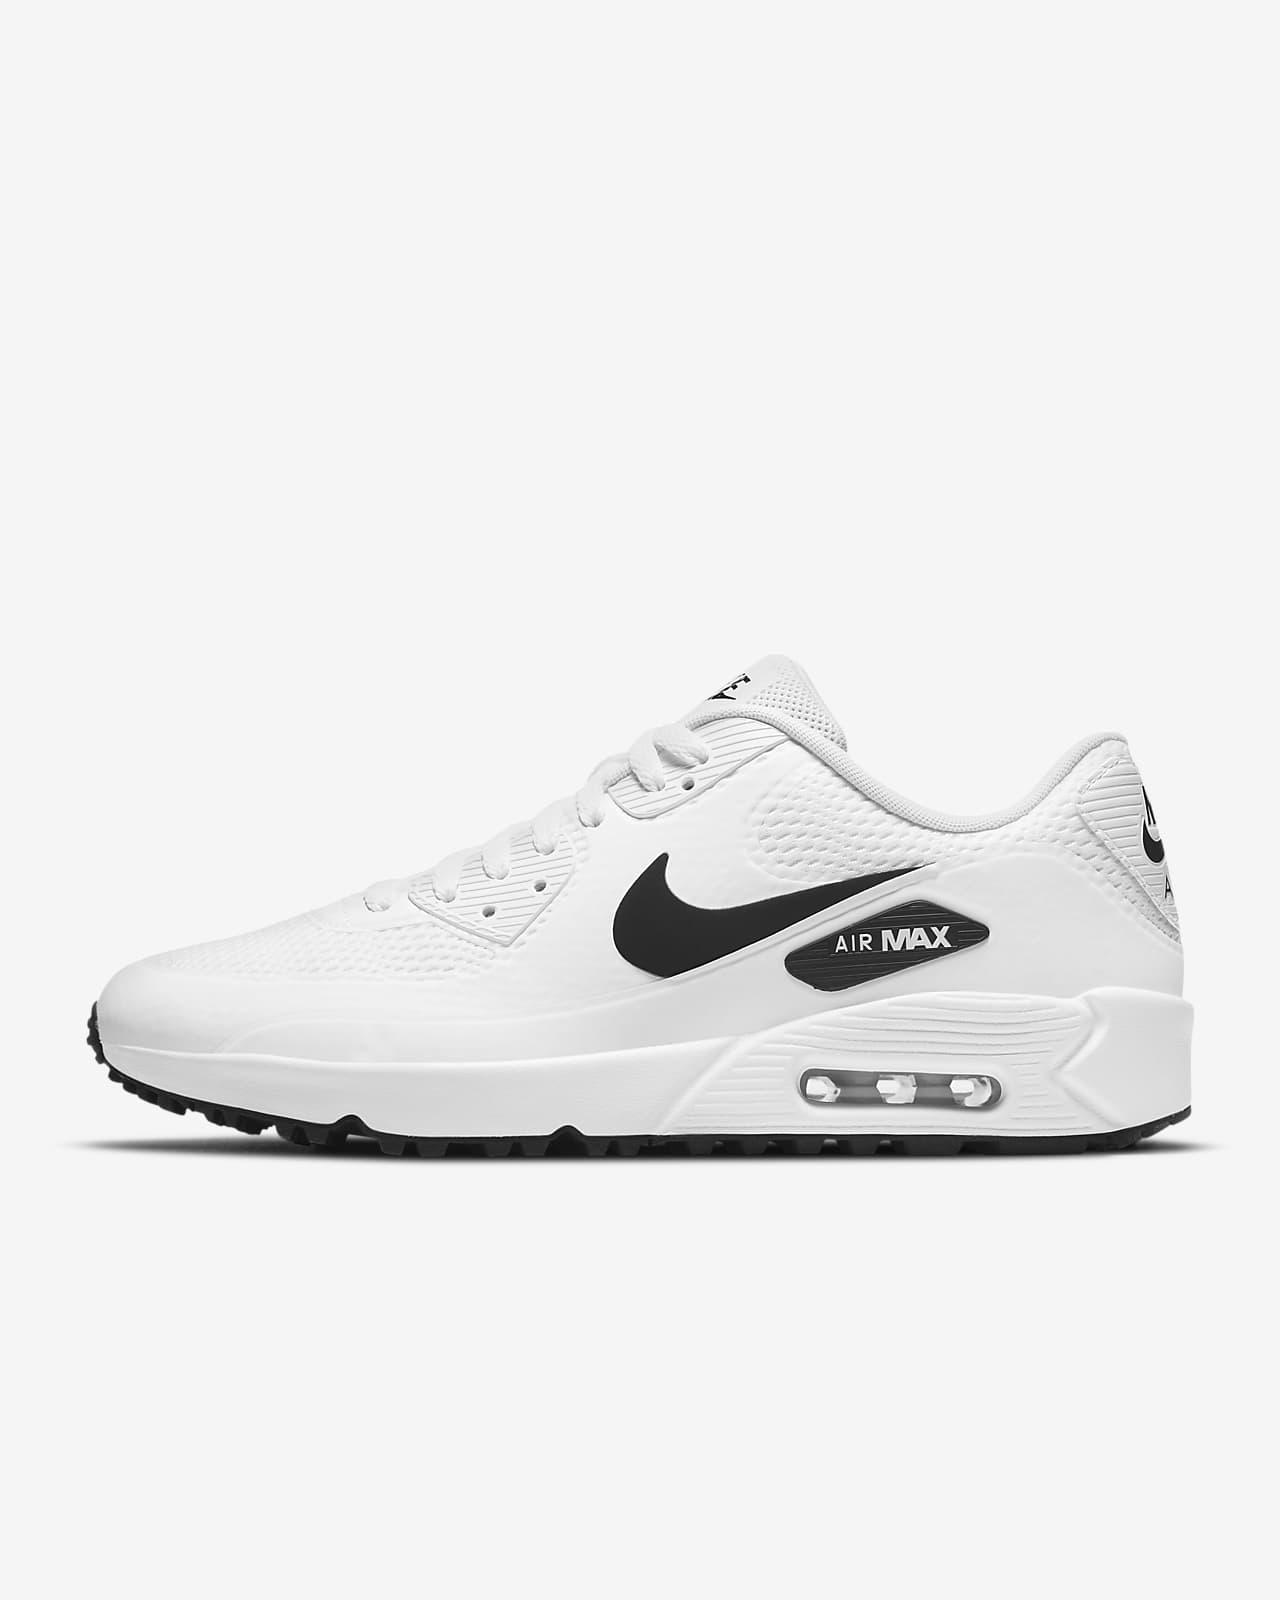 Παπούτσι γκολφ Nike Air Max 90 G